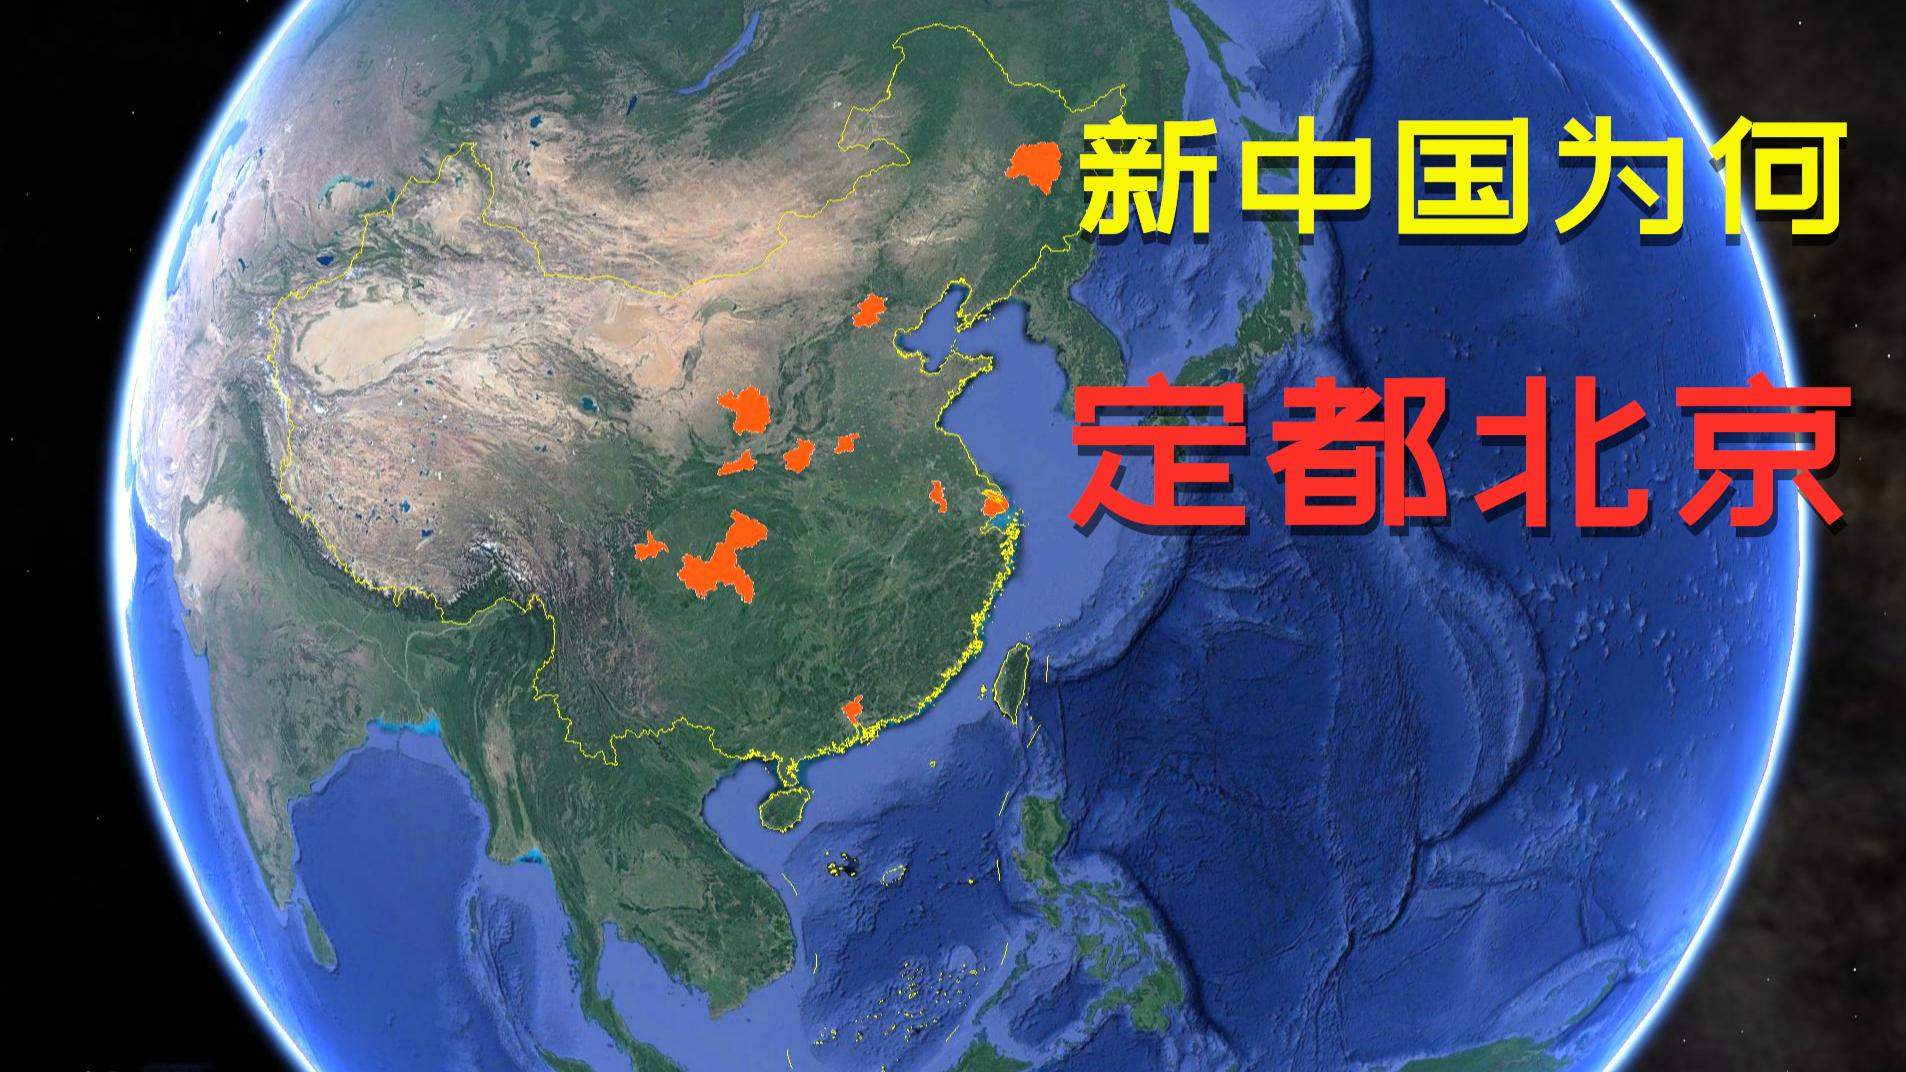 新中国为何定都北京?还有哪些备选地址?三维地图了解这段历史